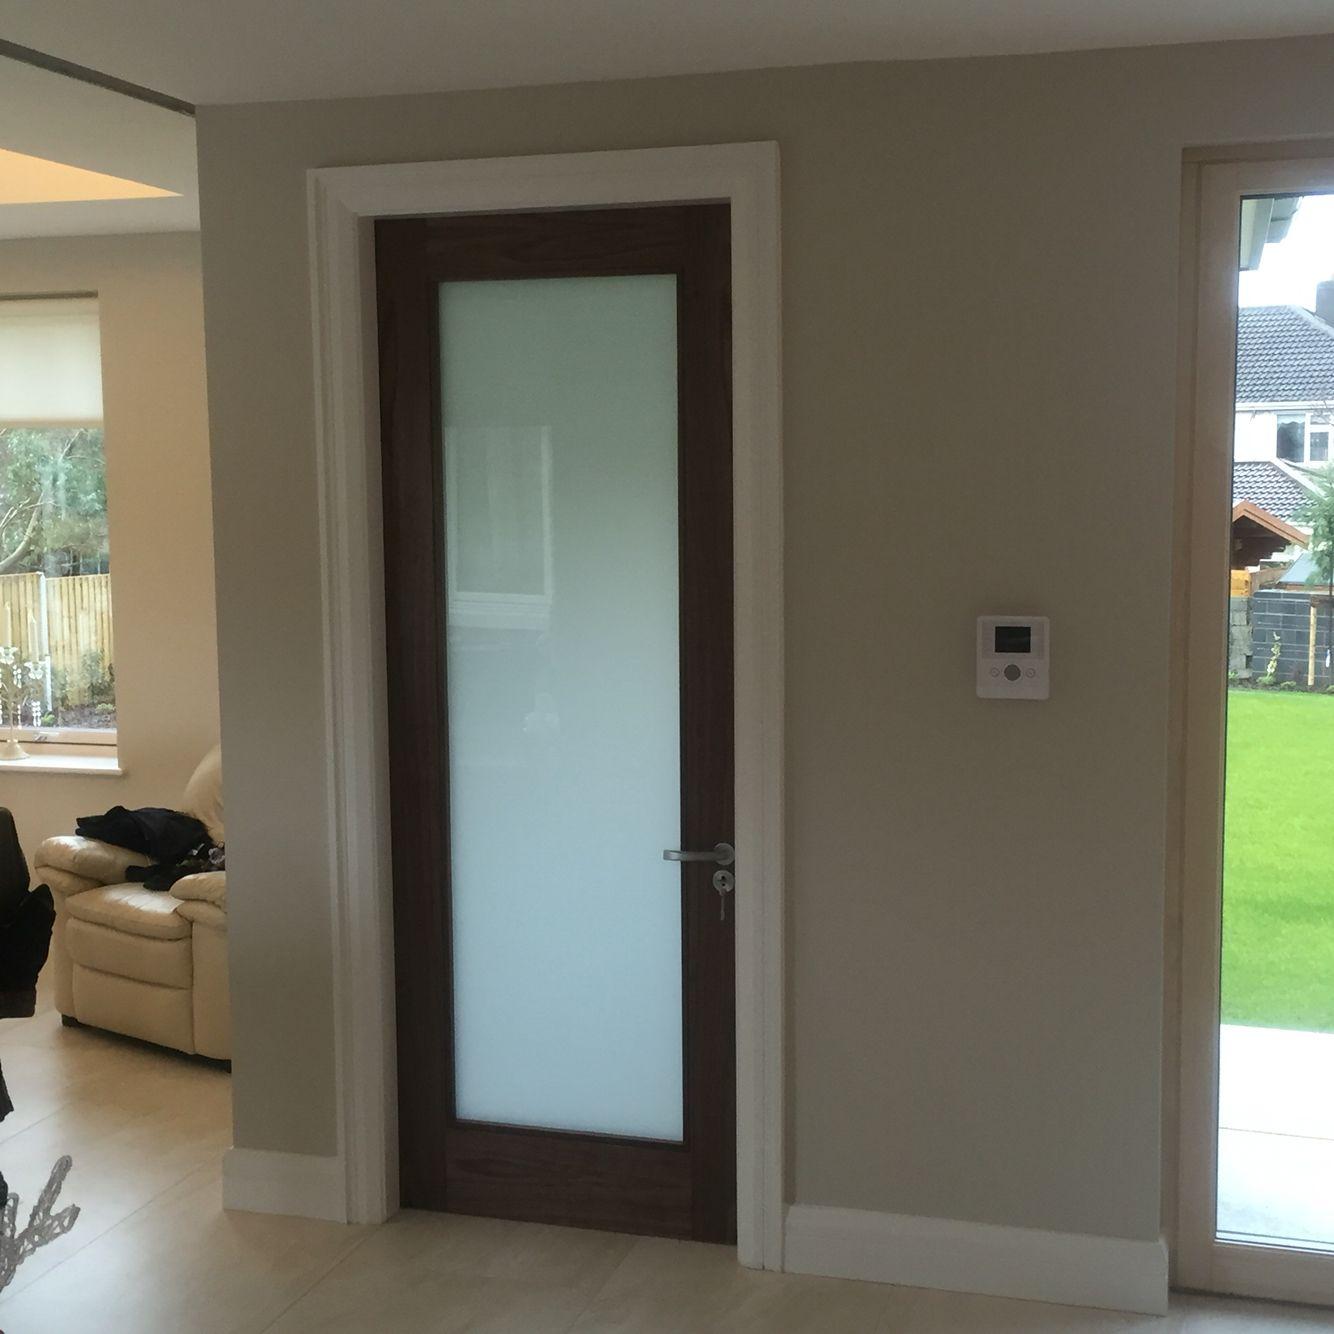 Wood Frosted Glass Bedroom Door Novocom Top